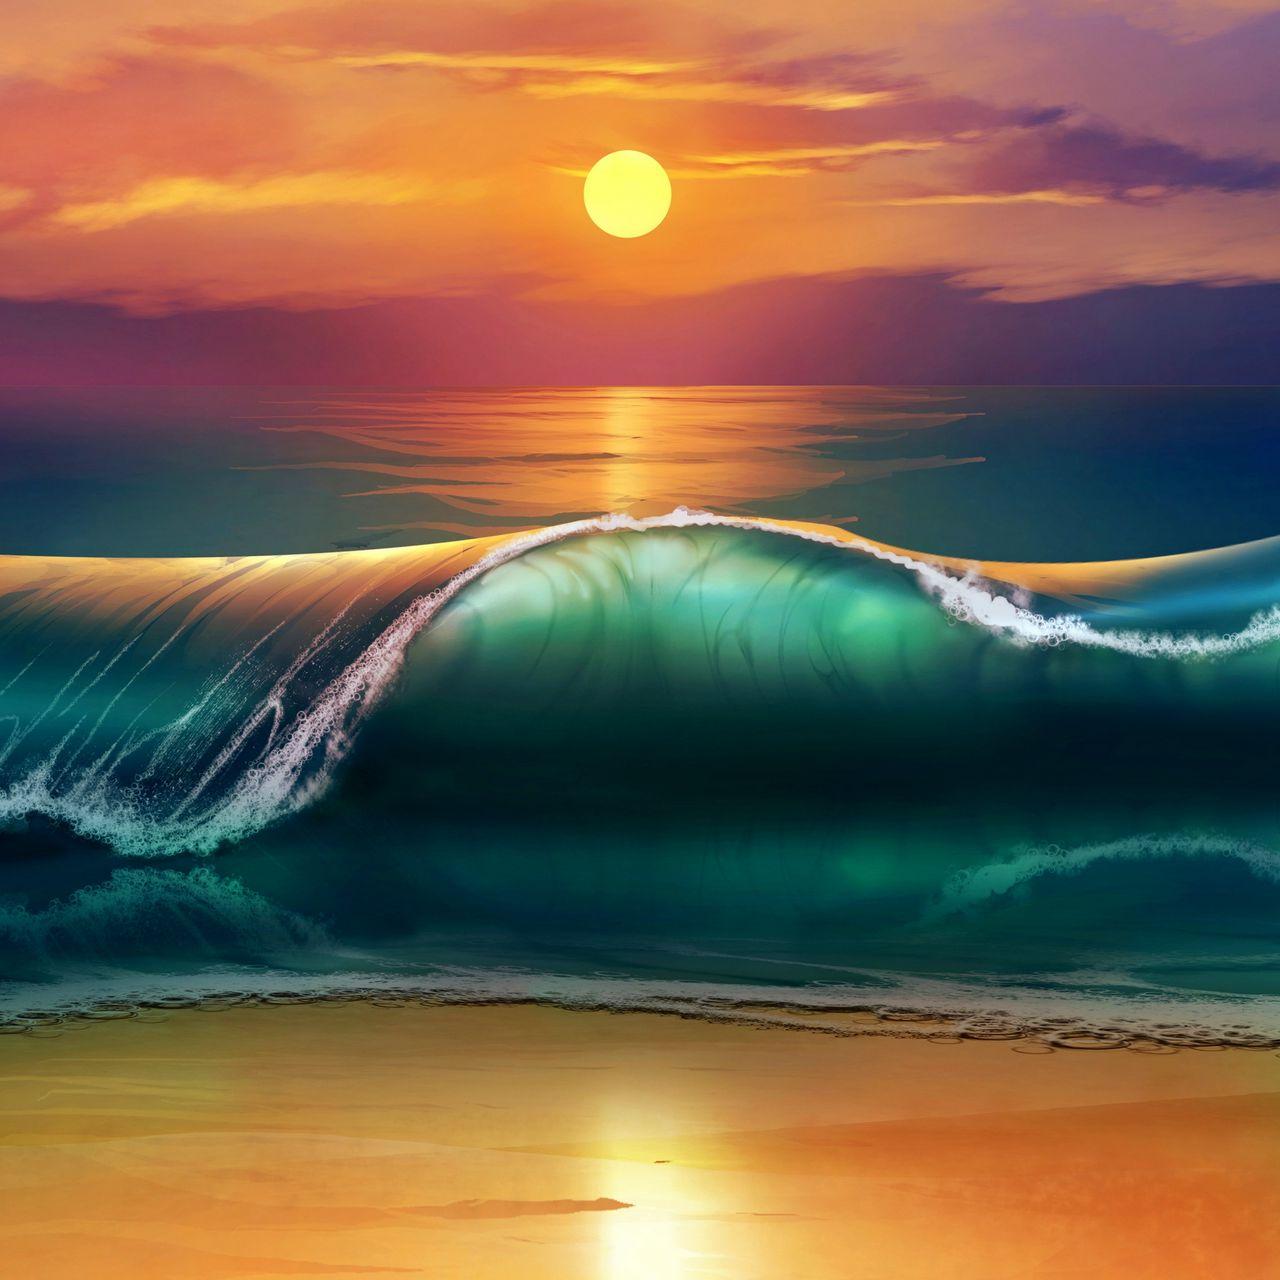 1280x1280 Wallpaper art, sunset, beach, sea, waves